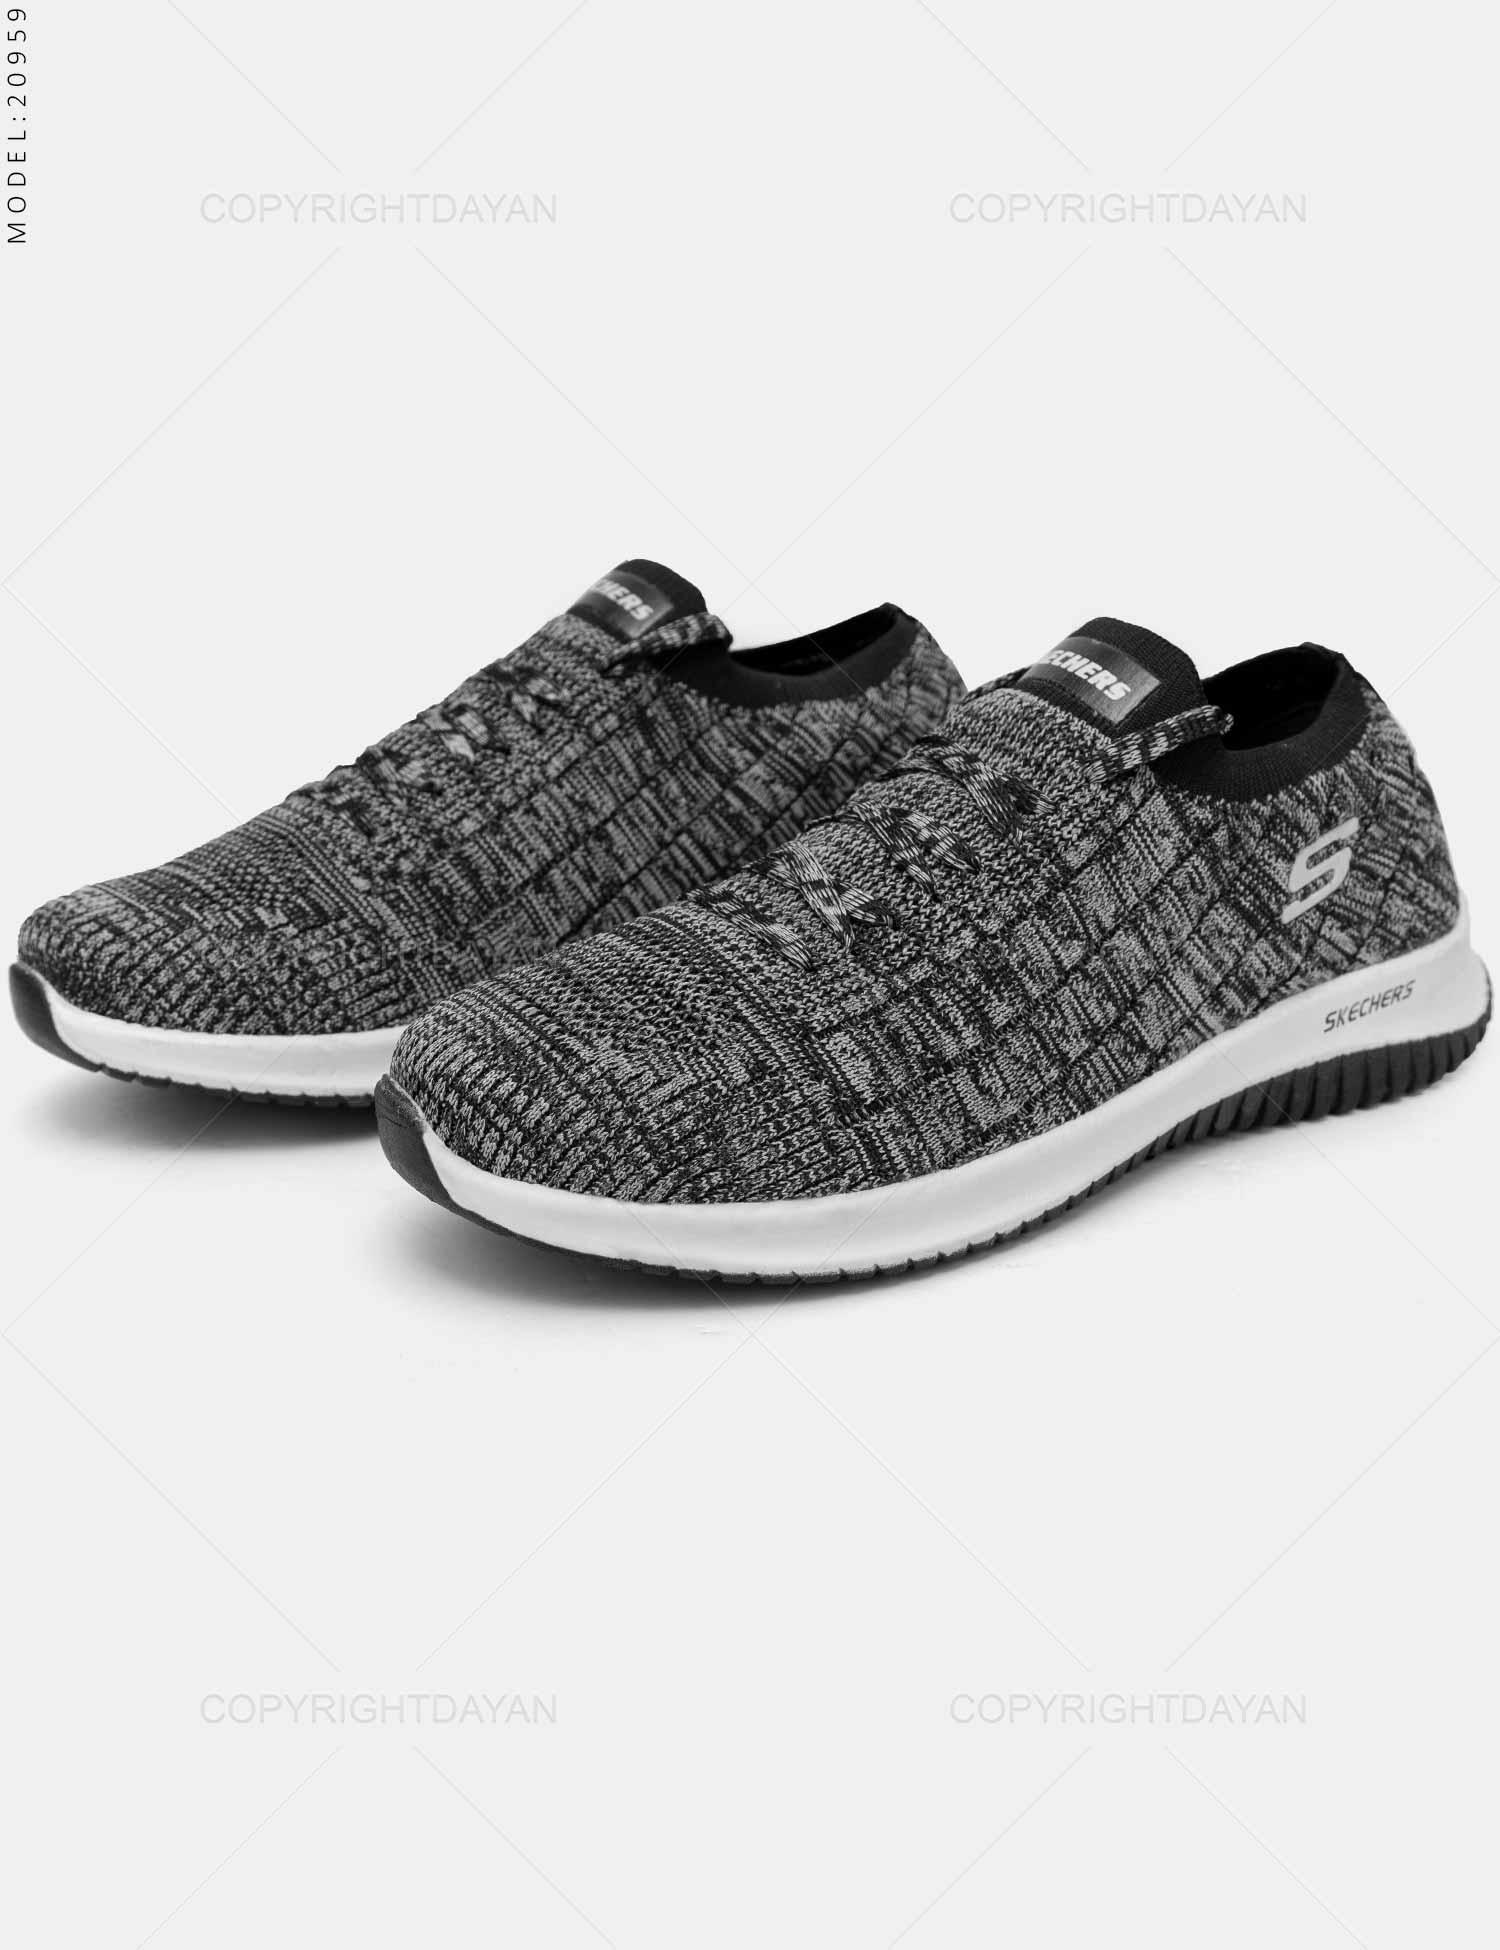 کفش ورزشی مردانه Skechers مدل 20959